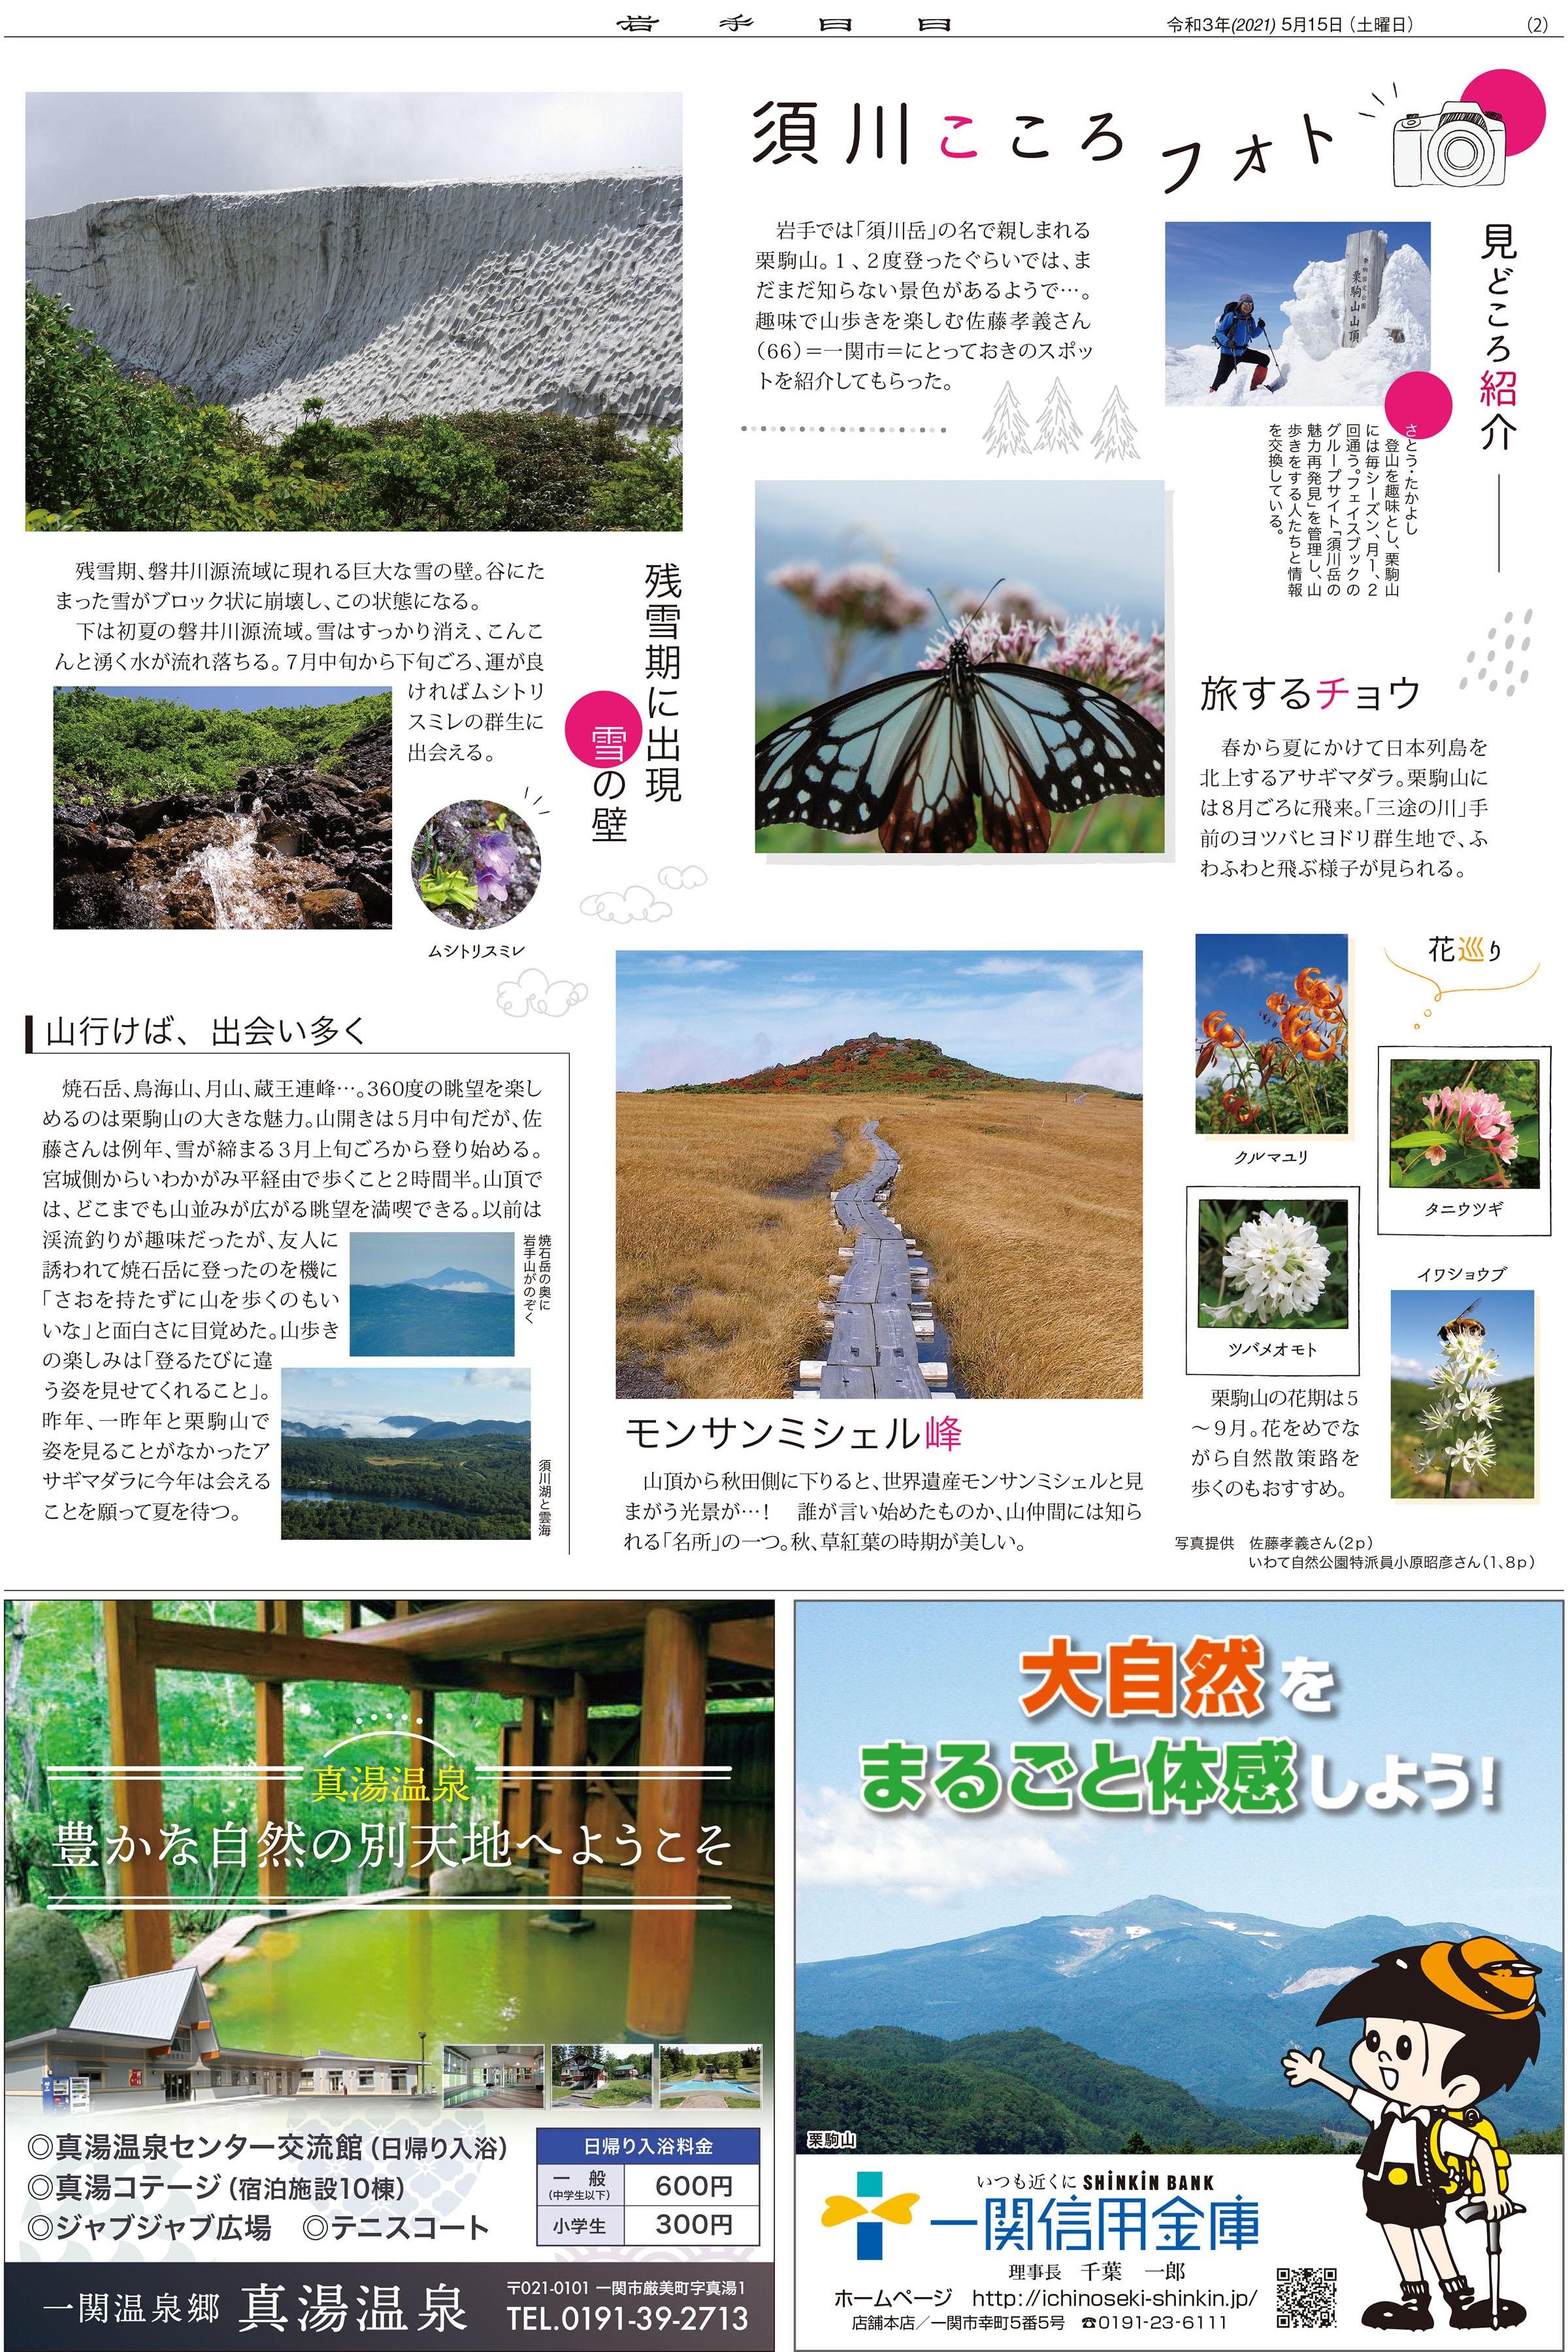 栗駒国定公園観光ガイド2021